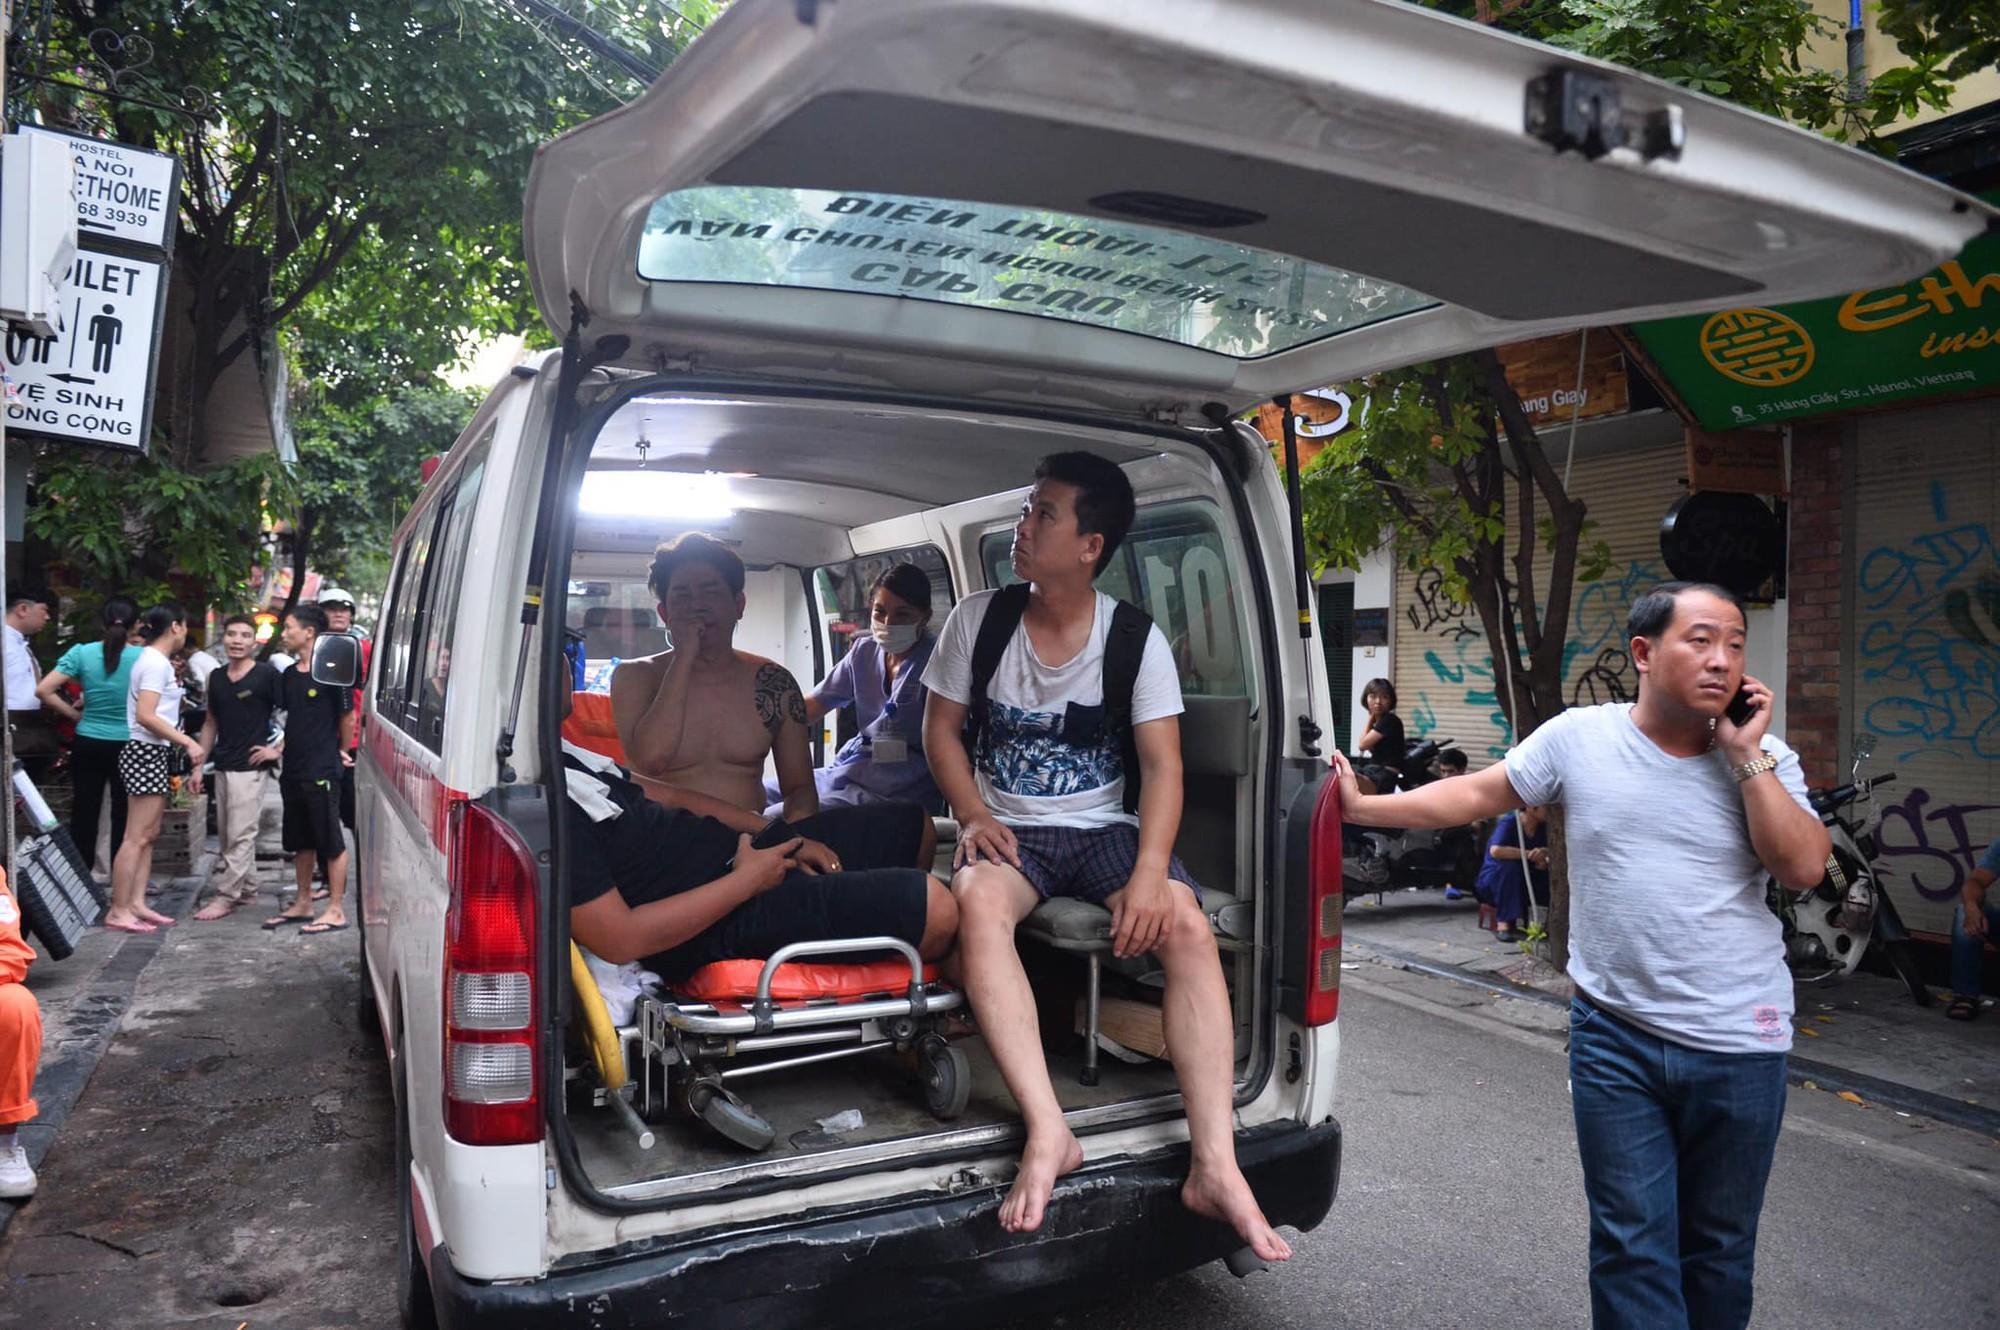 Cháy khách sạn trên phố cổ Hà Nội lúc sáng sớm, nhiều người chỉ kịp choàng khăn tắm hốt hoảng tháo chạy-10